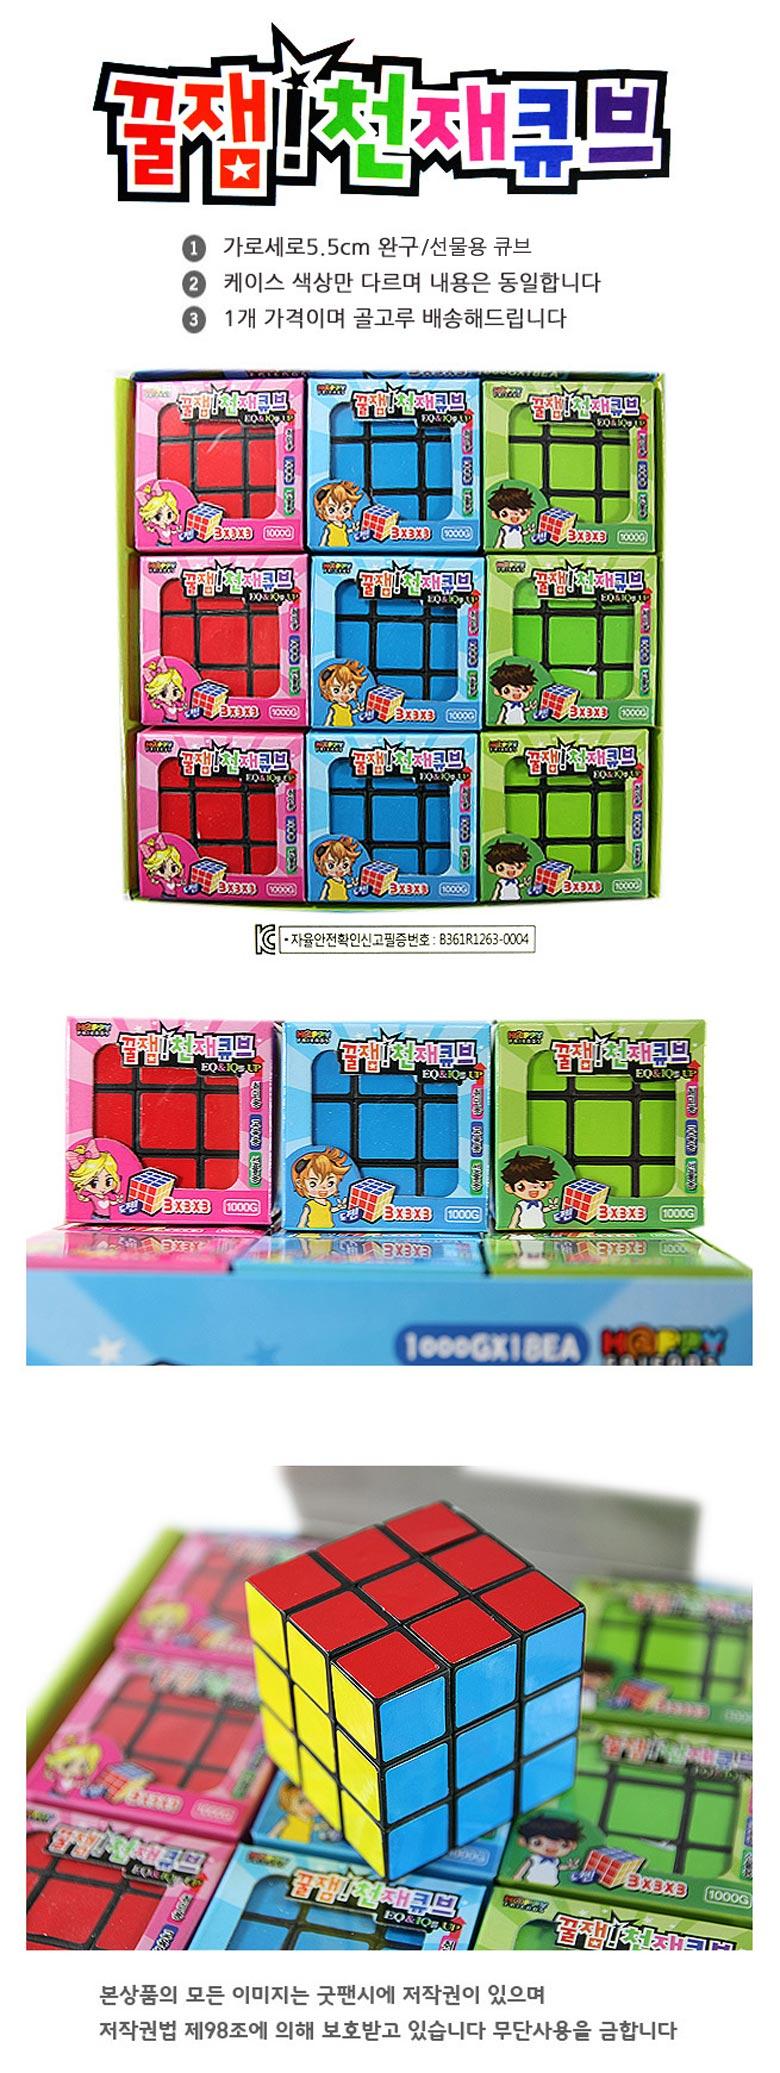 꿀잼 천재큐브 - 굿팬시, 1,000원, 조각/퍼즐, 큐브